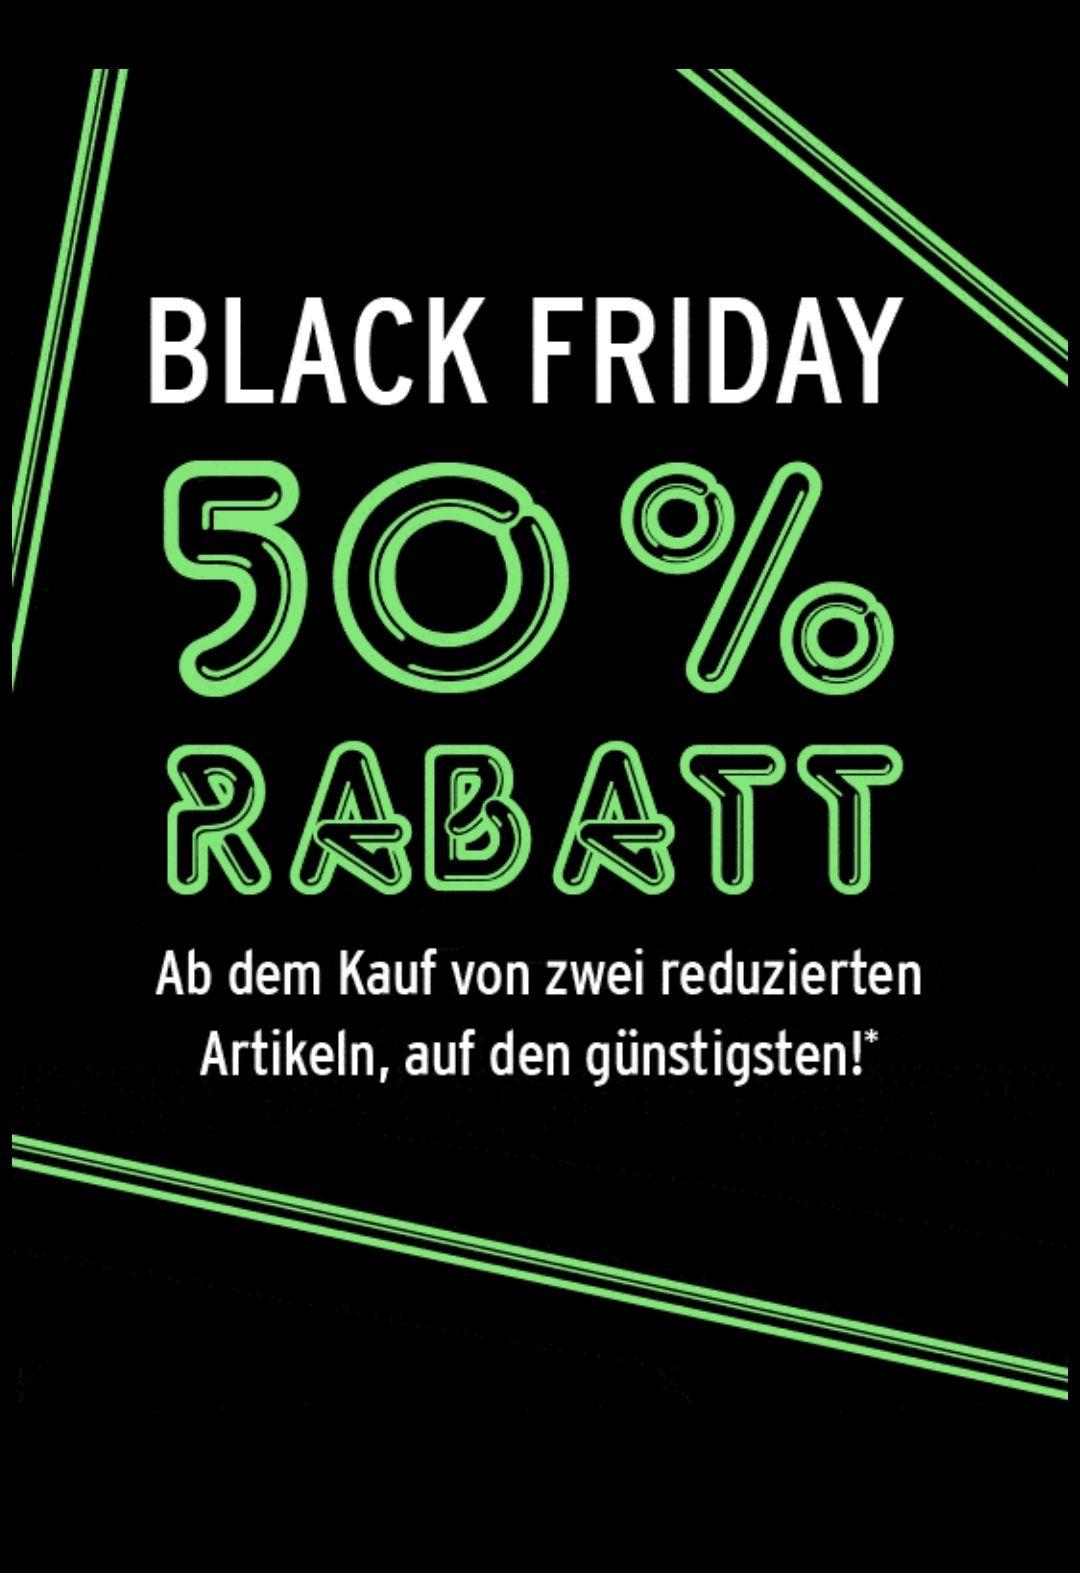 Black Friday bei Ansons in den Filialen - 50% Rabatt ab dem Kauf von 2 reduzierten Artikel, auf den günstigsten